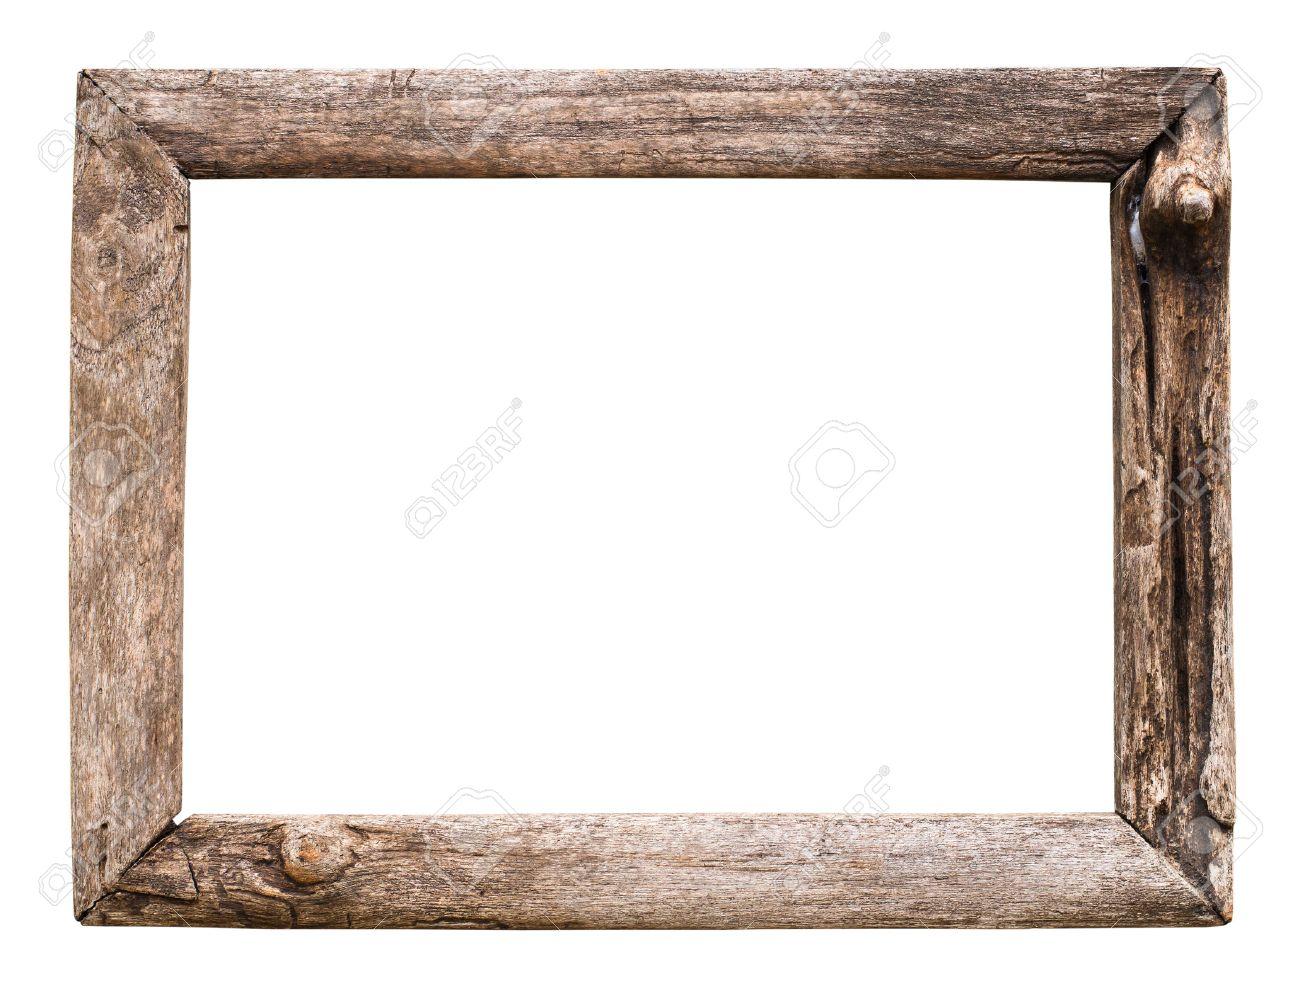 Alte Holz-Bilderrahmen Isoliert Auf Weiß Lizenzfreie Fotos, Bilder ...